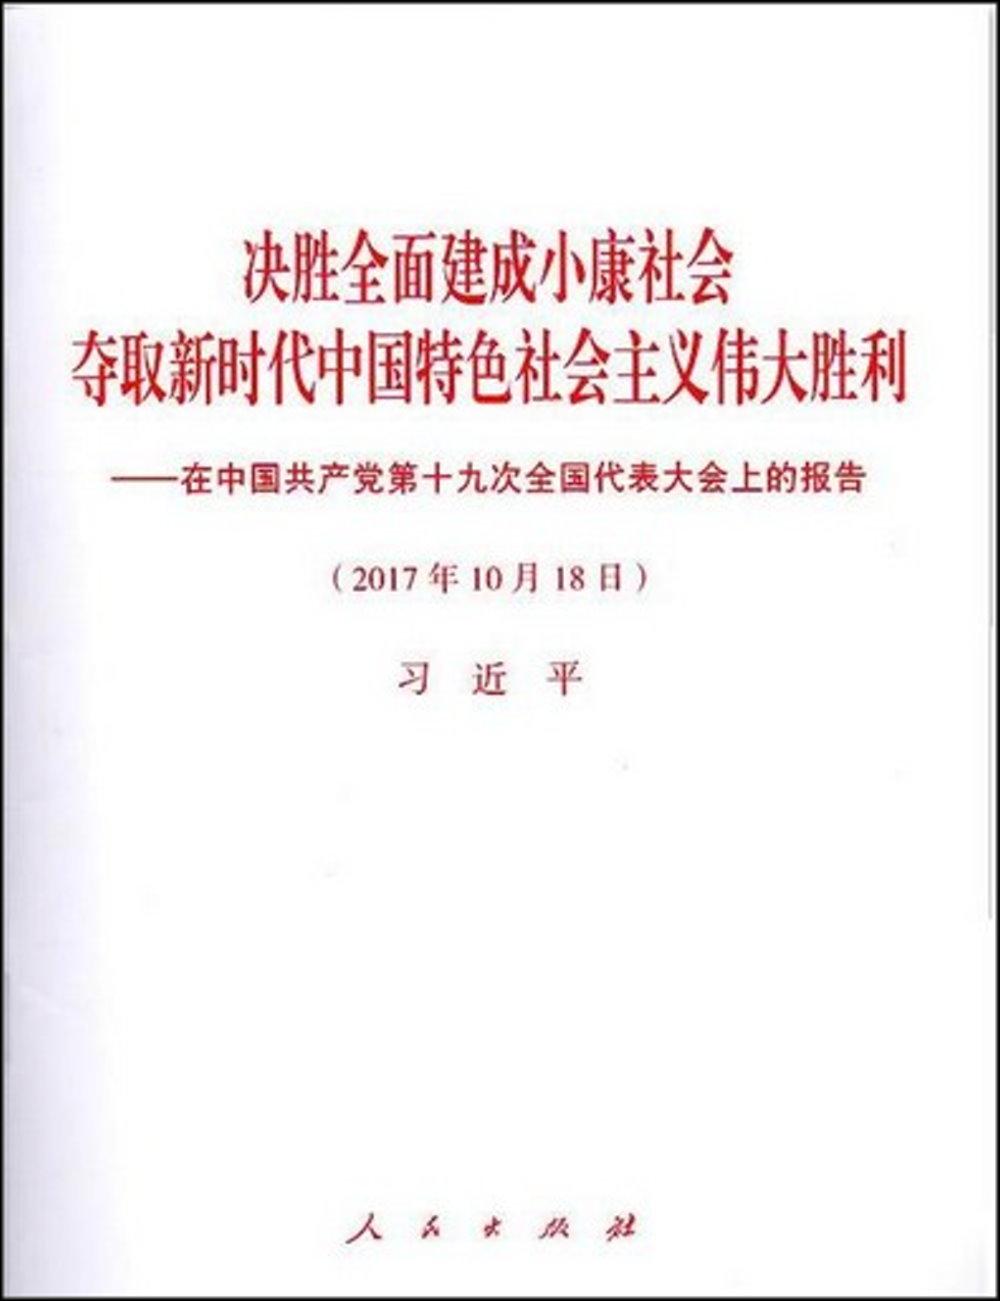 決勝全面建成小康社會 奪取新時代中國特色社會主義偉大勝利—在中國共產黨第十九次全國代表大會上的報告